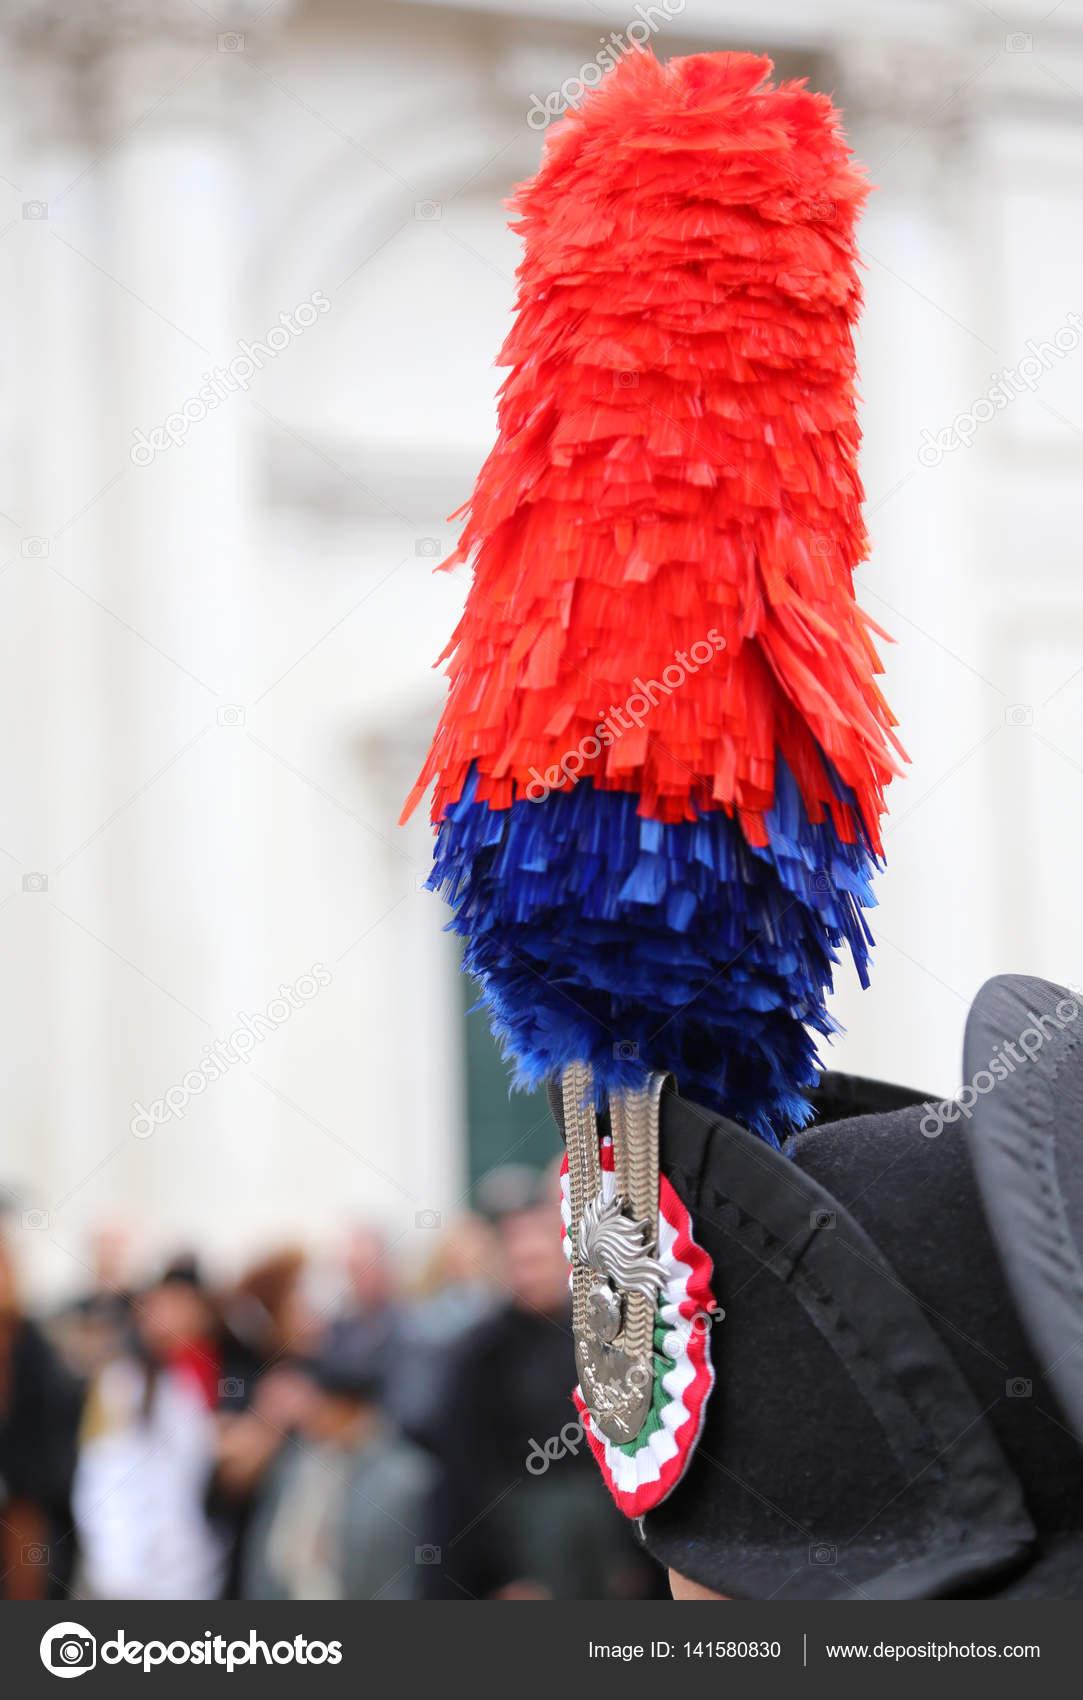 Cappello Un Vestito Pennacchio Blu Uniforme Rosso E Il Di Sopra vmnON8wPy0